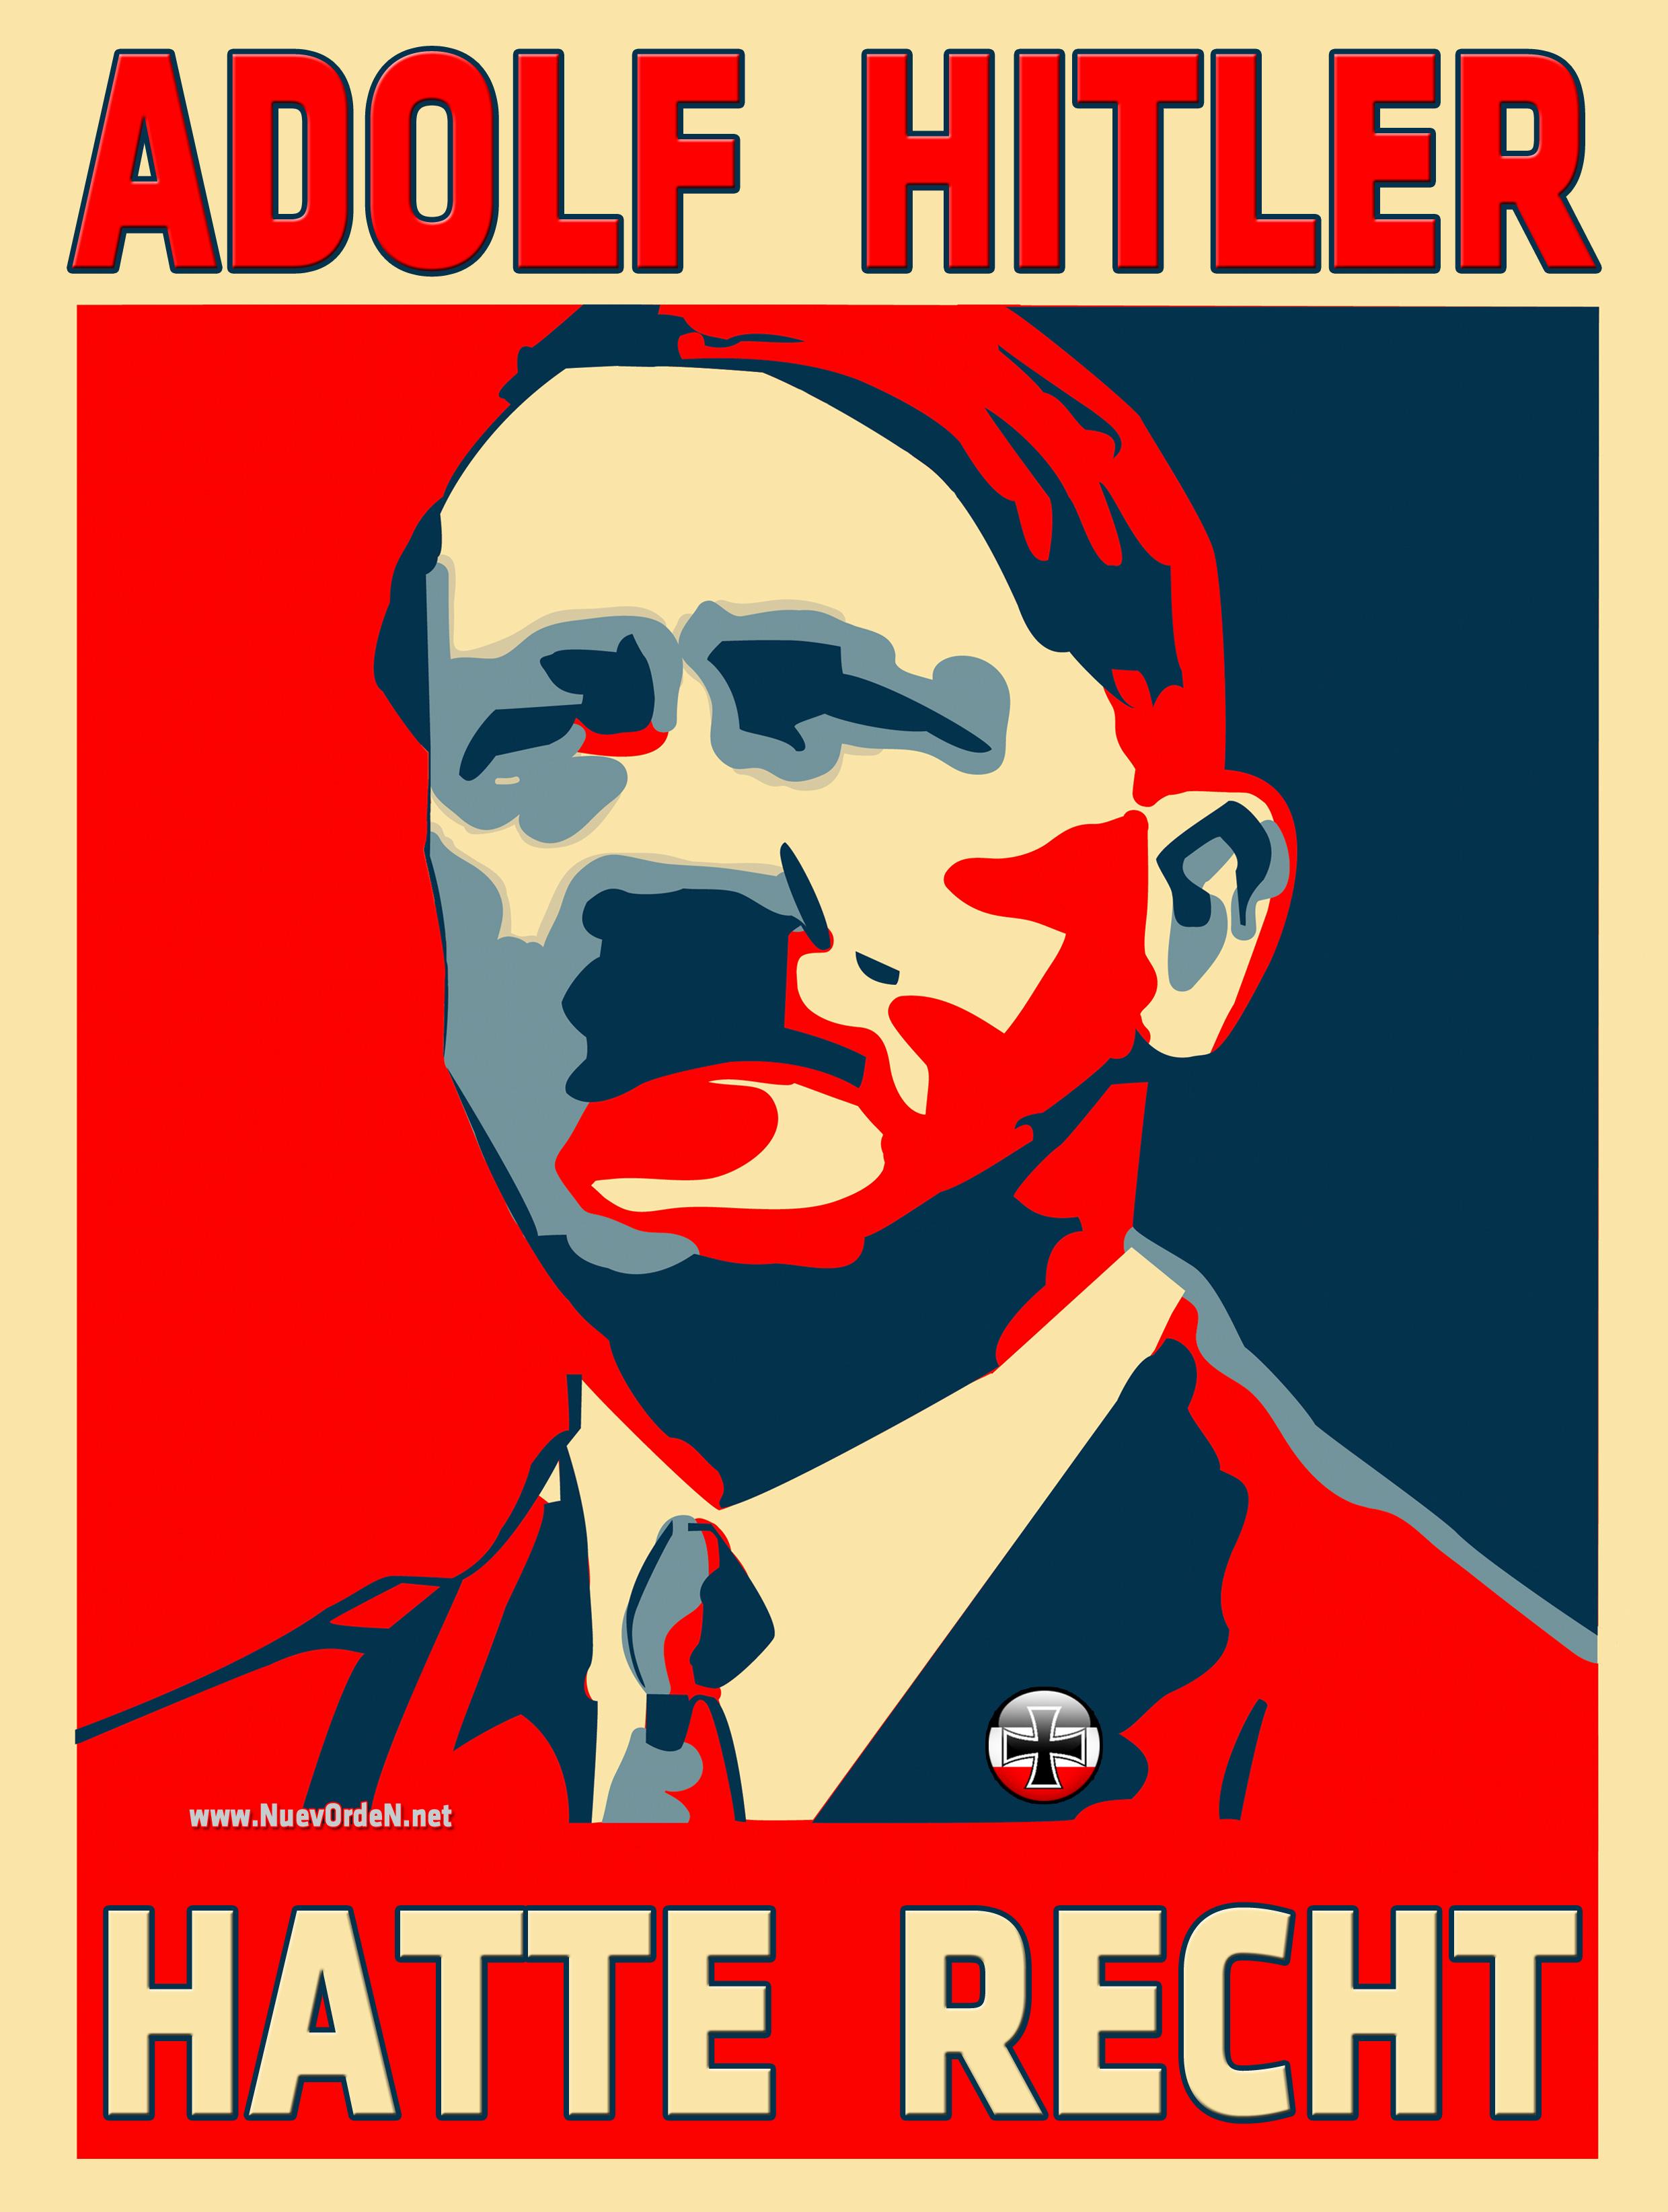 46070_Hitler_Obama_poster1_deutsch_122_178lo.jpg